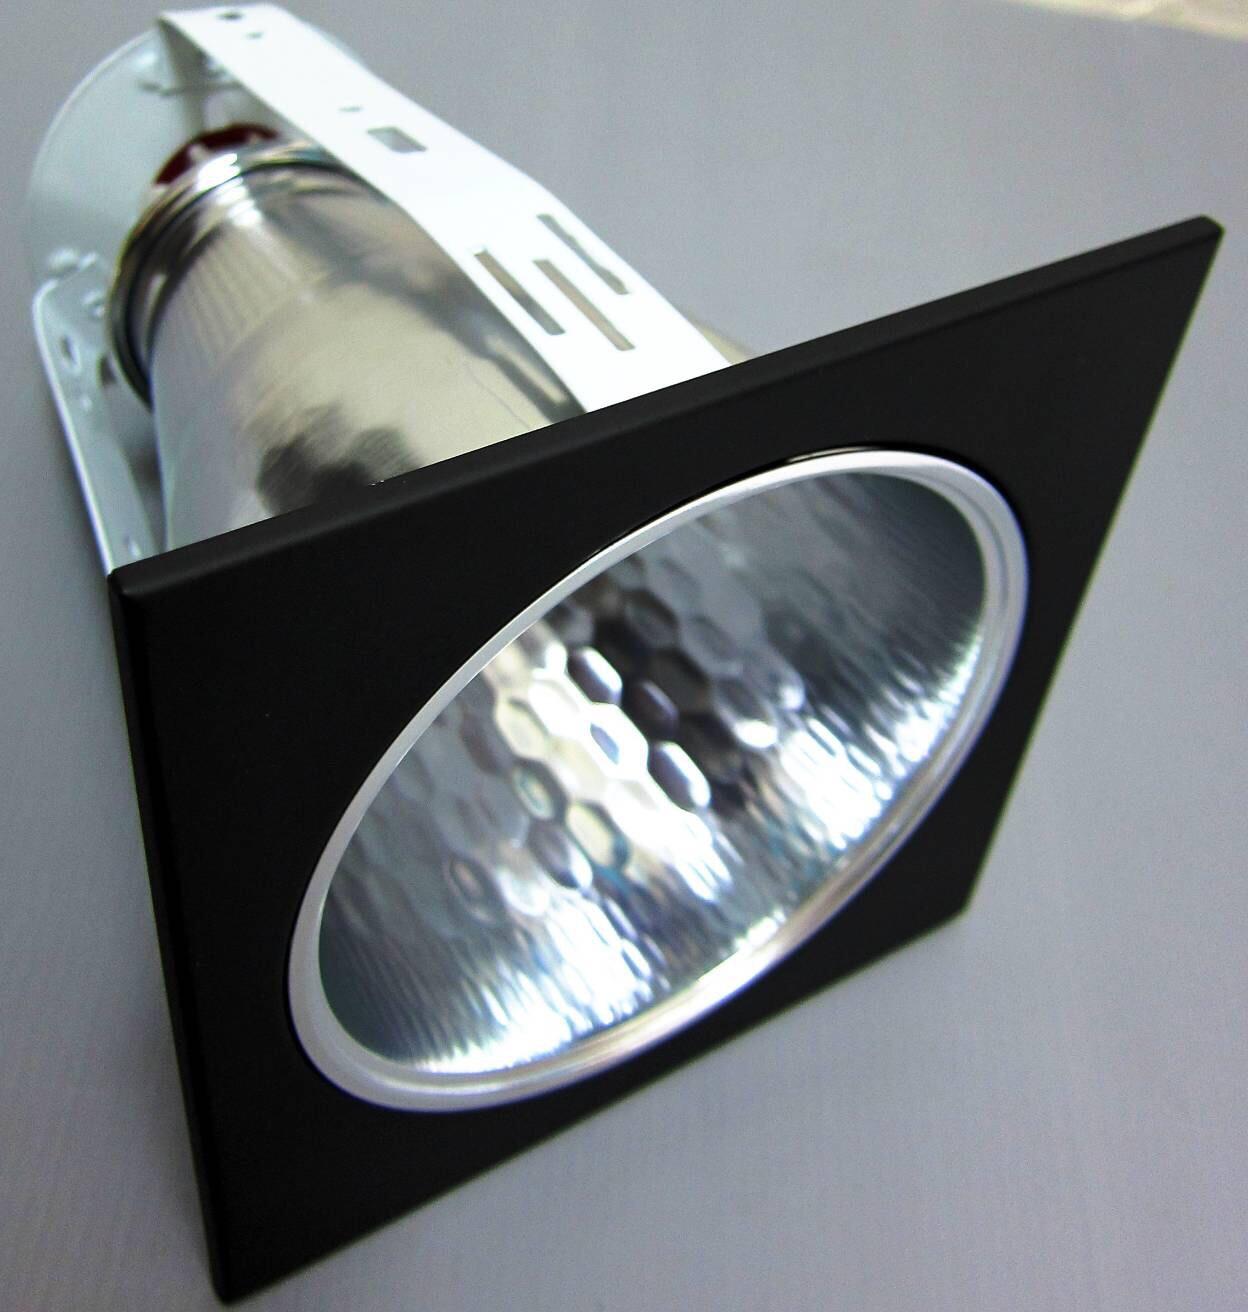 ดาวไลท์ 4นิ้วหน้าเหลี่ยมสีดำ